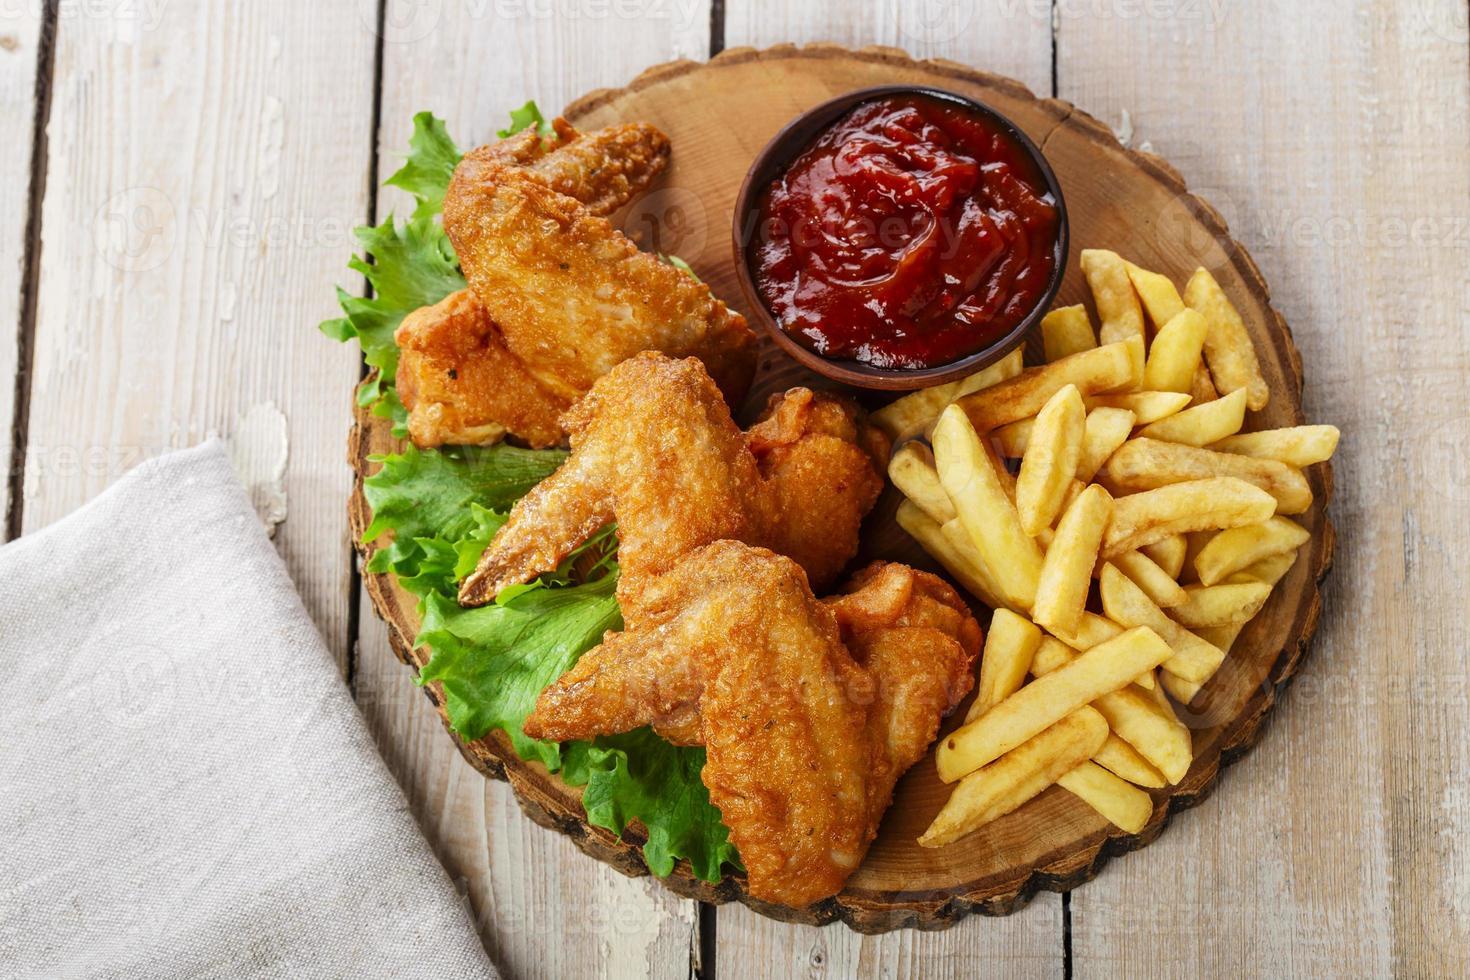 alitas de pollo fritas con salsa y papas fritas foto